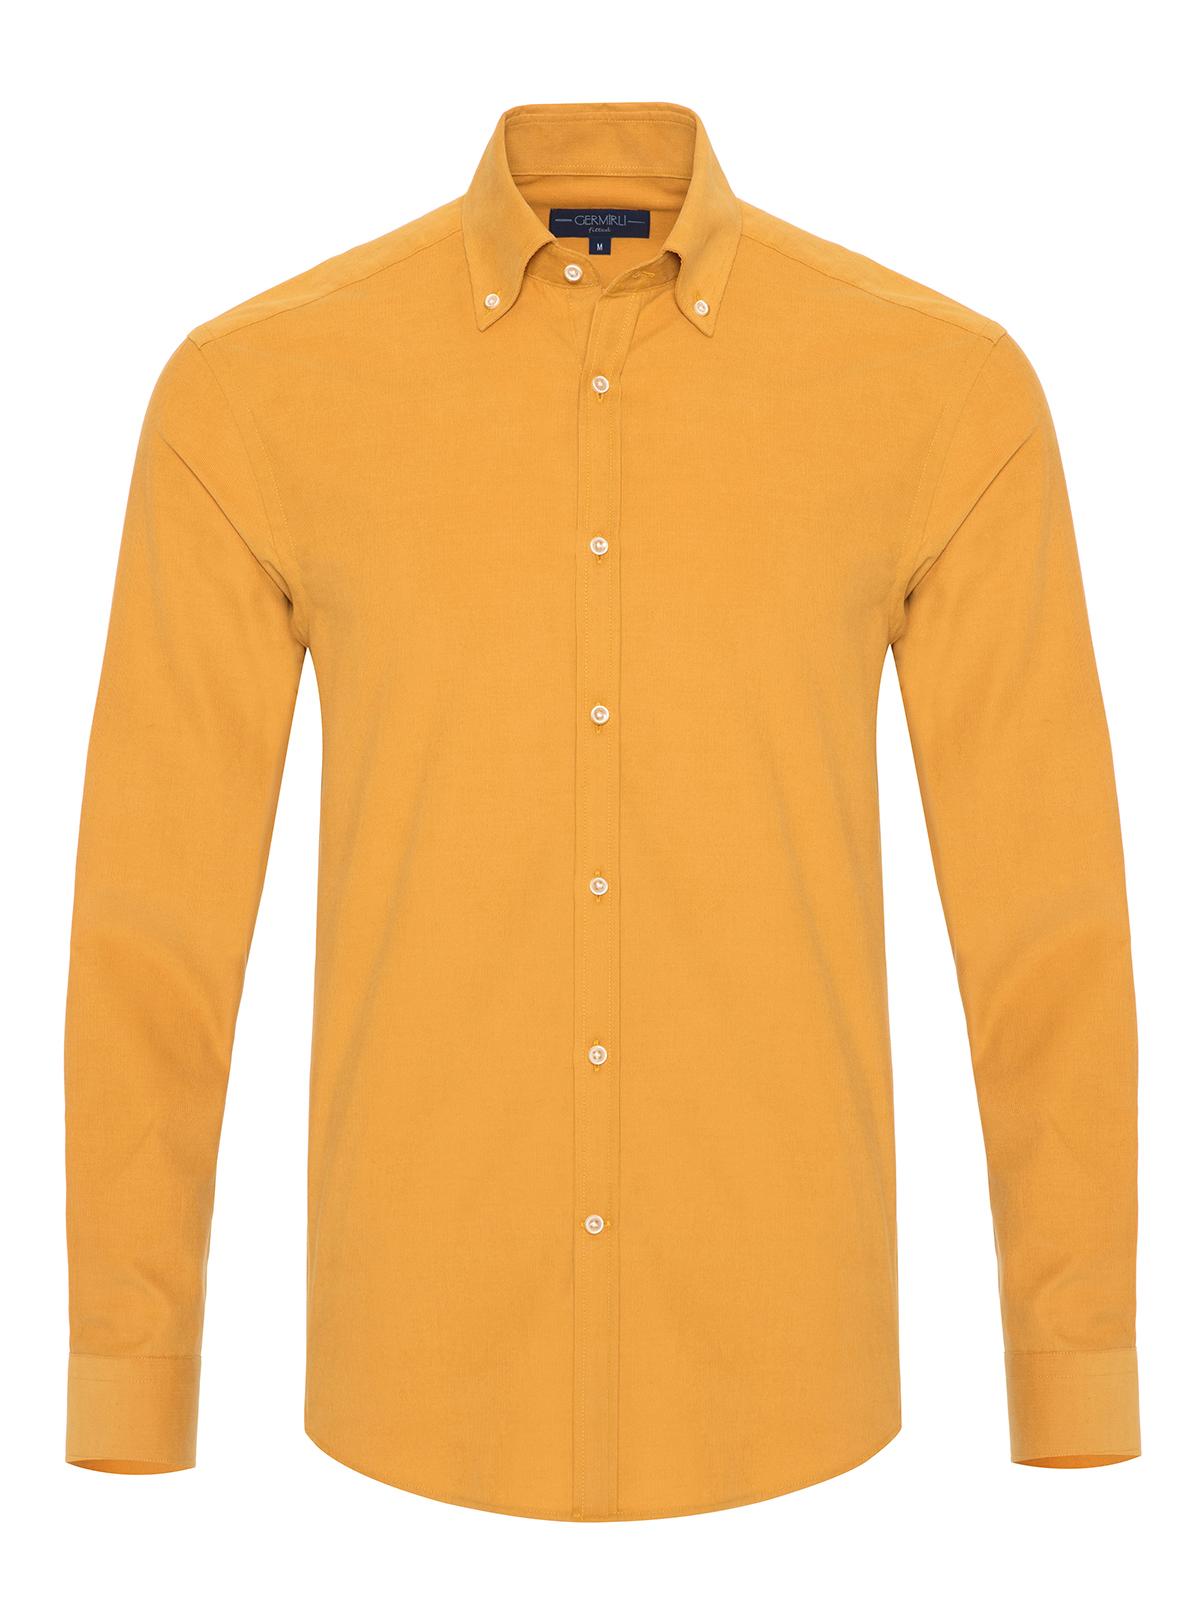 Germirli - Germirli Sarı Kadife Düğmeli Yaka Tailor Fit Gömlek